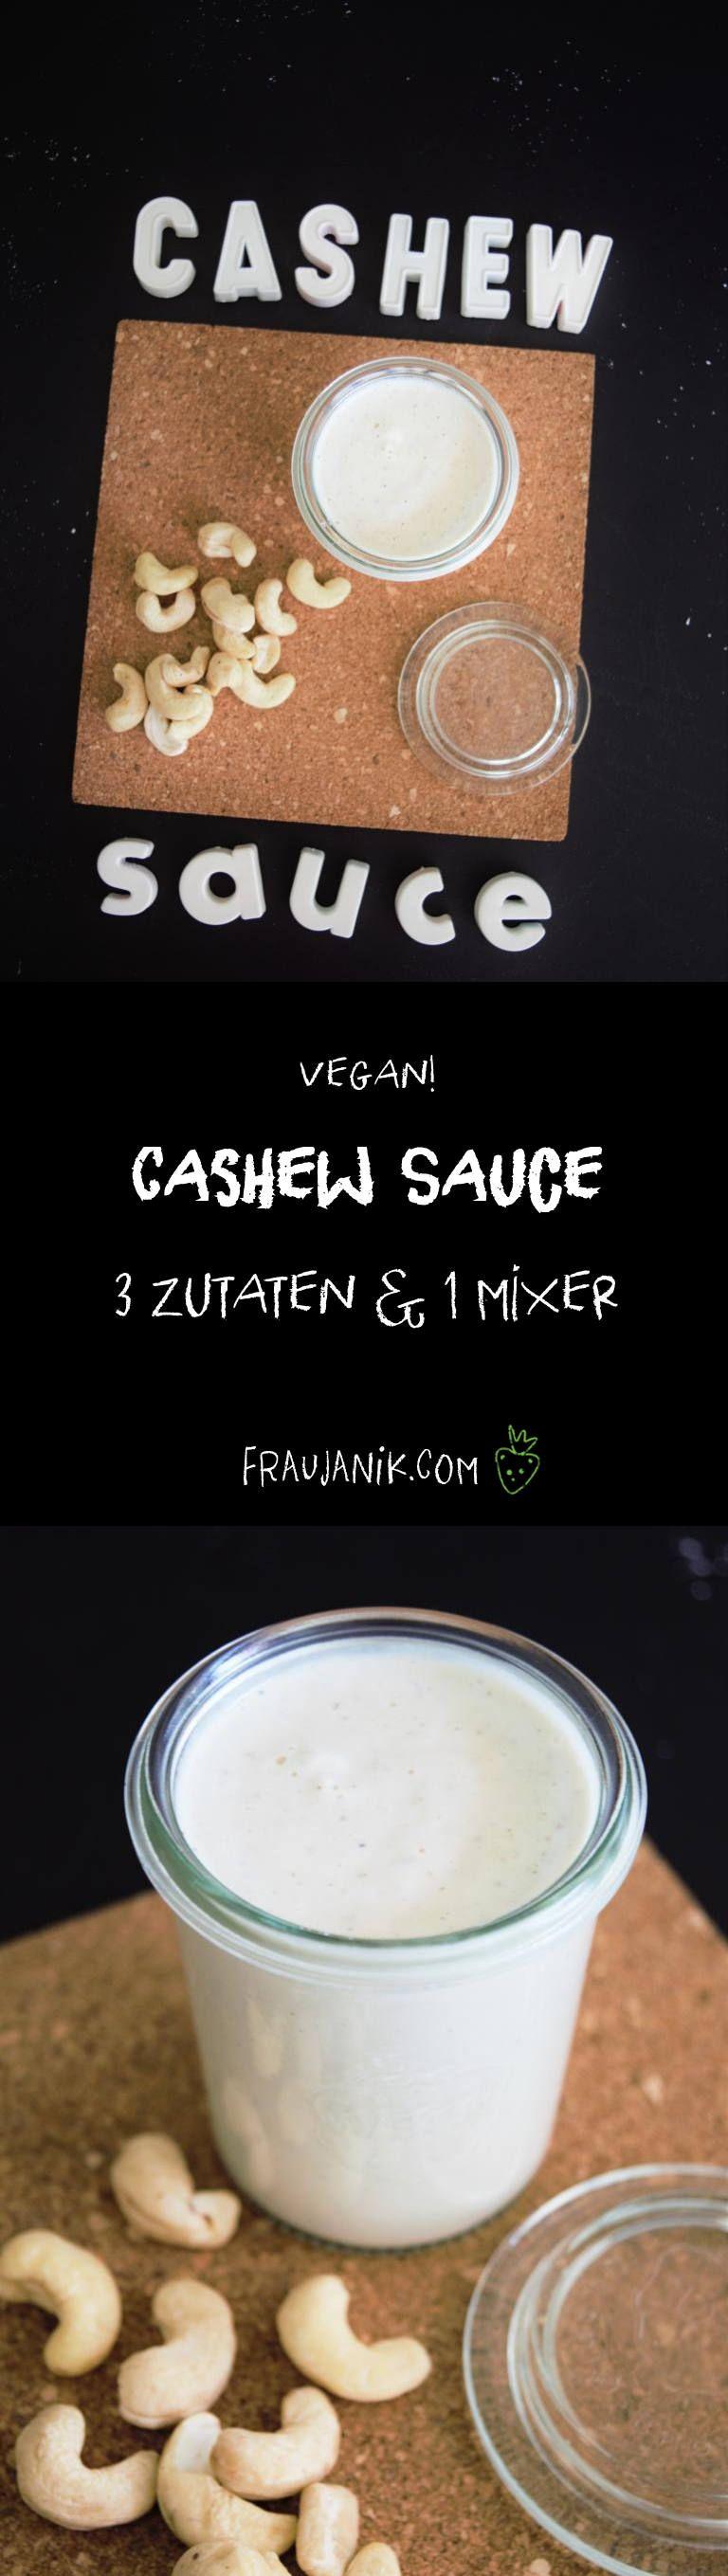 Die beste Cashew Sauce aus nur 3 Zutaten ohne kochen! Perfekt auf Zoodles, Dip oder Brotaufstrich!